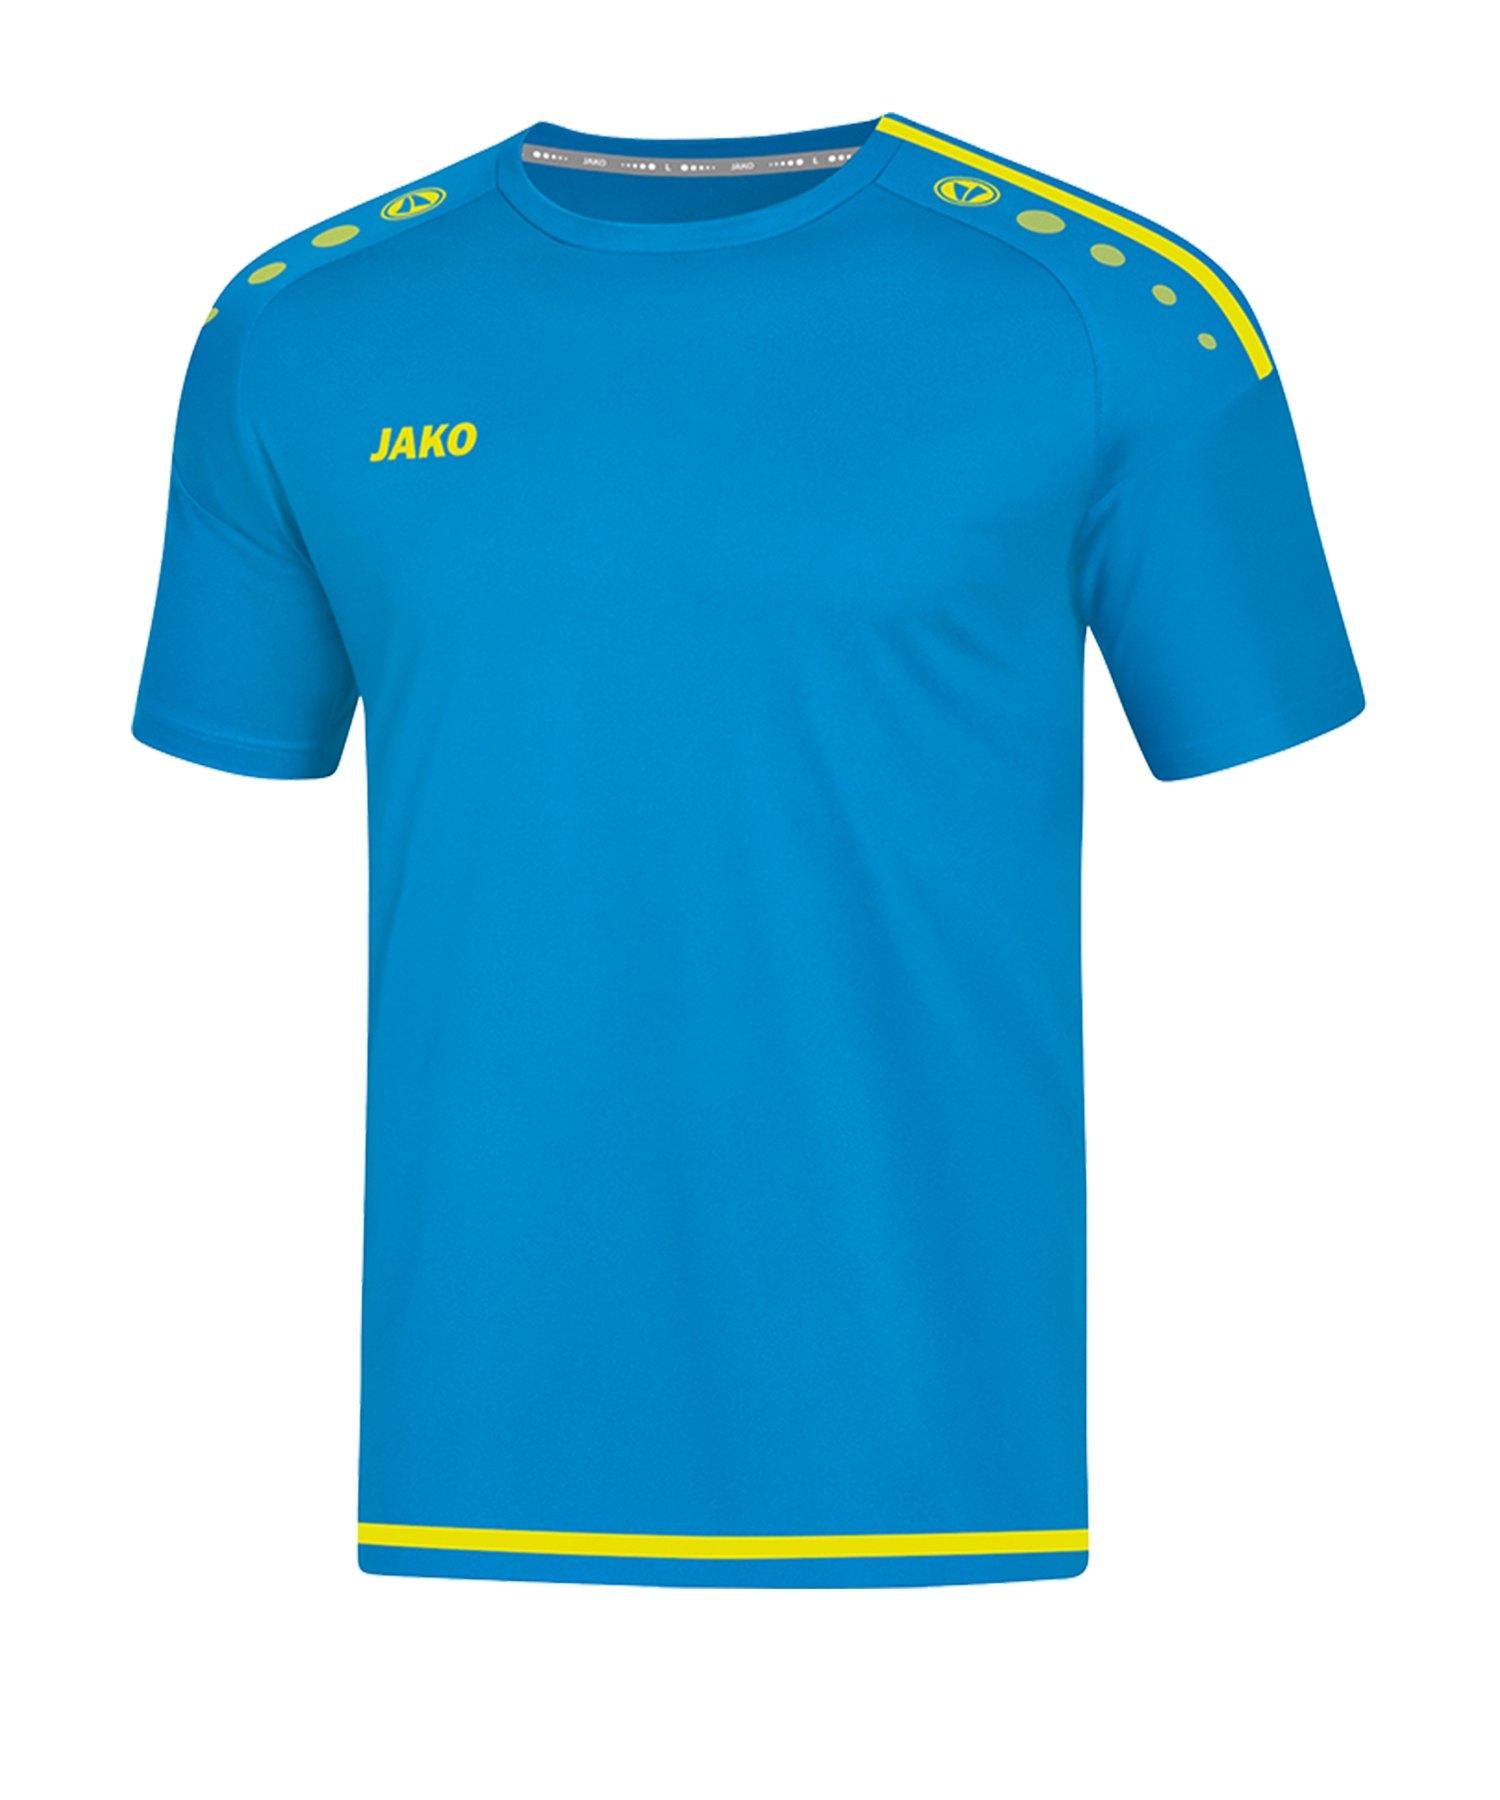 Jako Striker 2.0 Trikot kurzarm Blau Gelb F89 - Blau